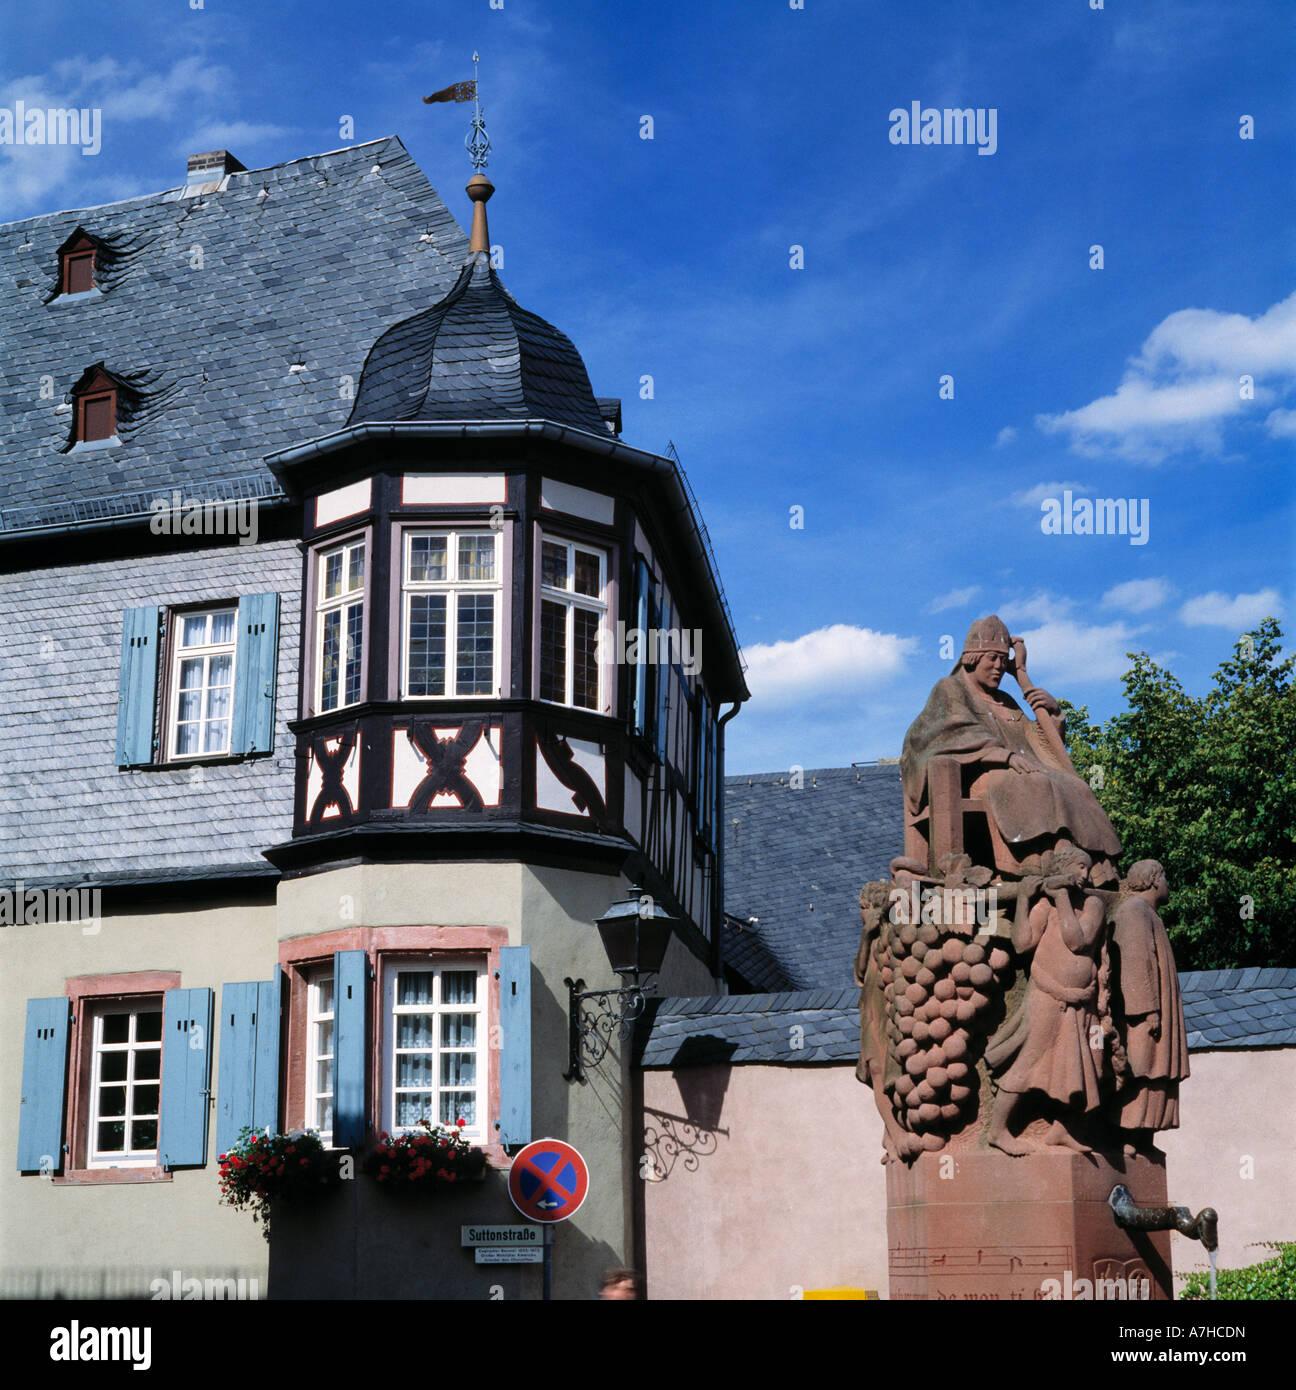 Marktplatz von Kiedrich Im Rheingau Mit Dem Valentinsbrunnen Stockbild